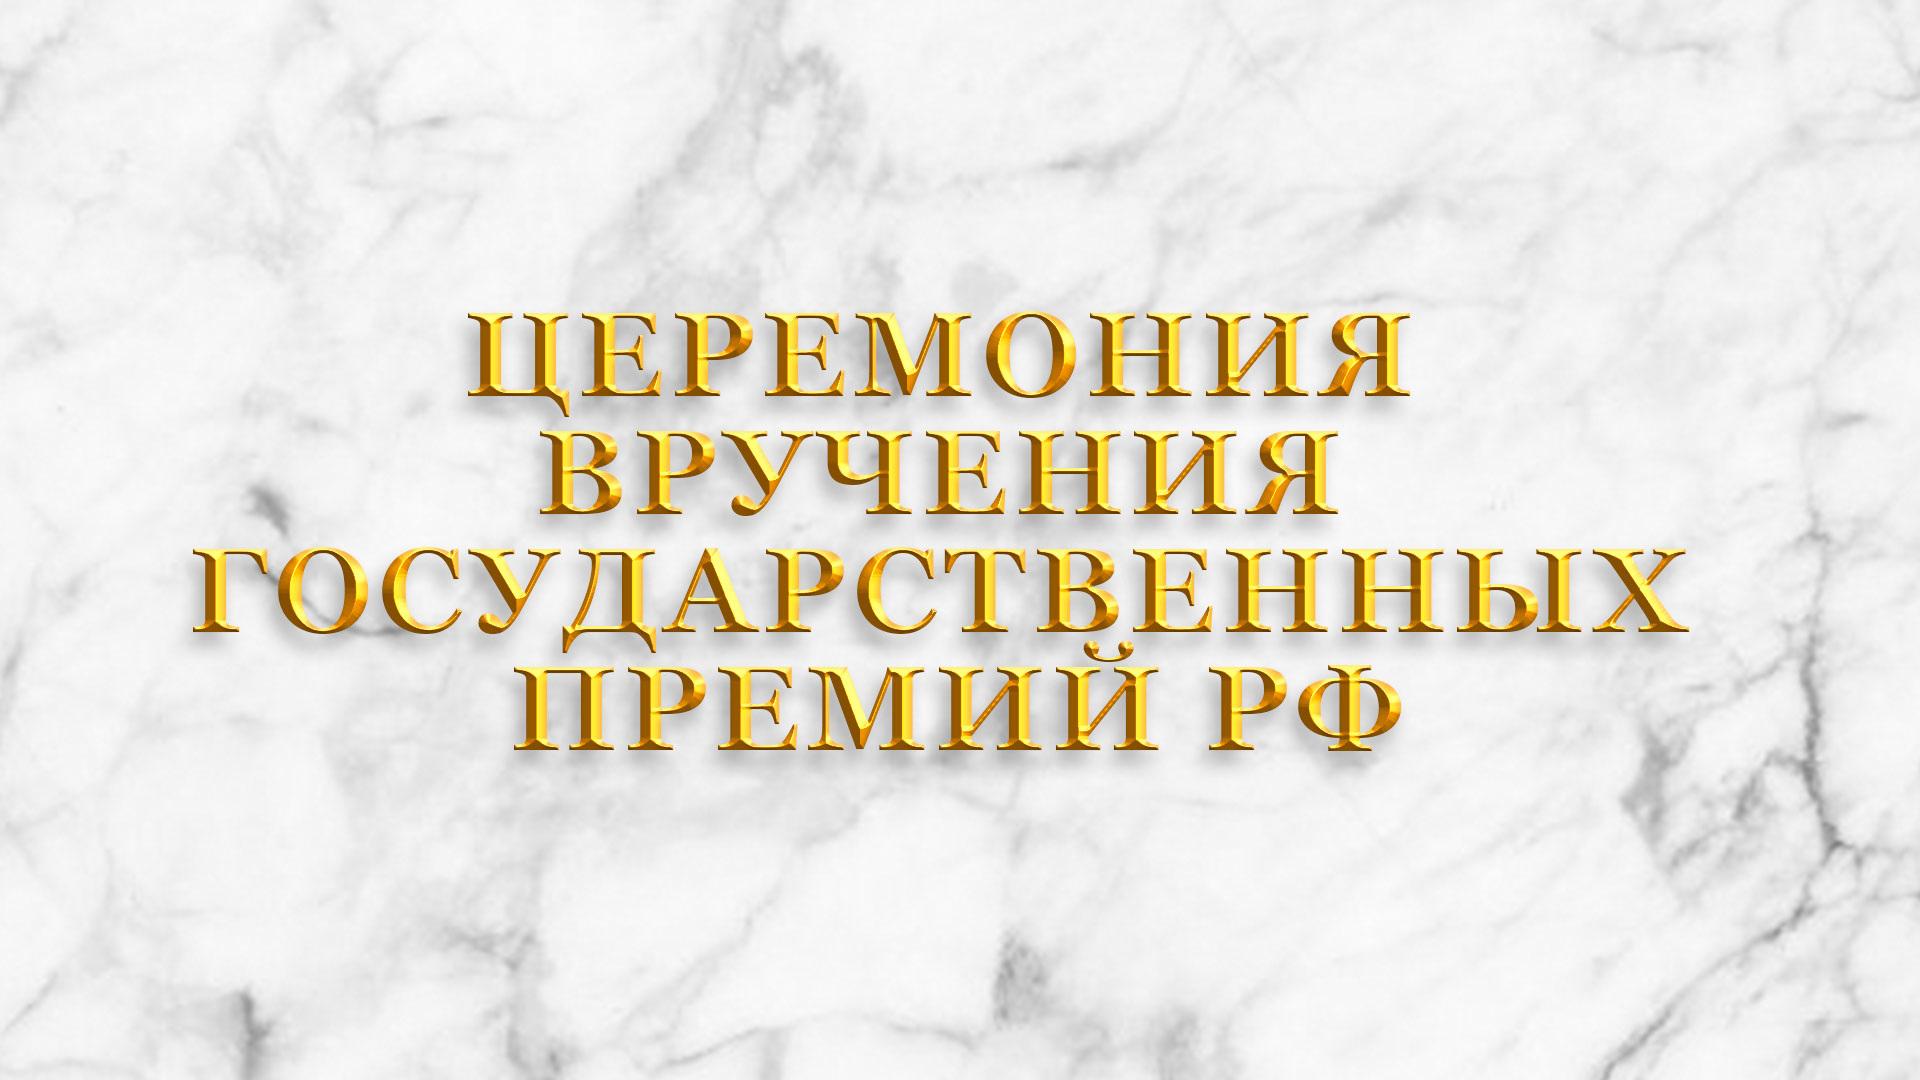 Москва. Кремль. Церемония вручения Государственных премий РФ